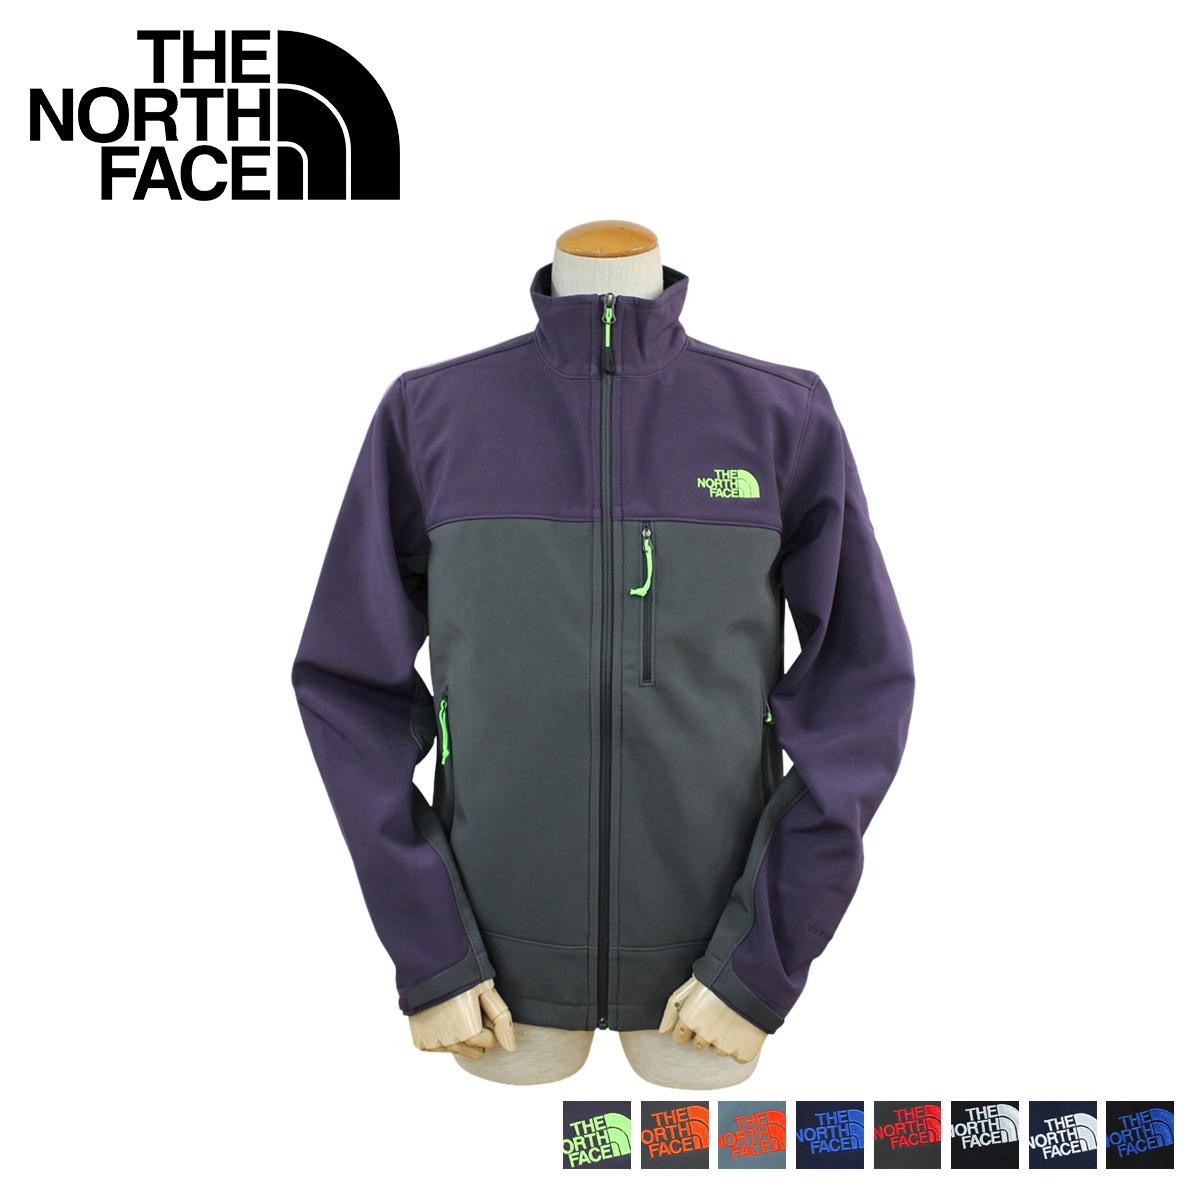 ノースフェイス THE NORTH FACE ジャケット メンズ ナイロンジャケット MEN'S APEX BIONIC JACKET 【決算セール 返品不可】